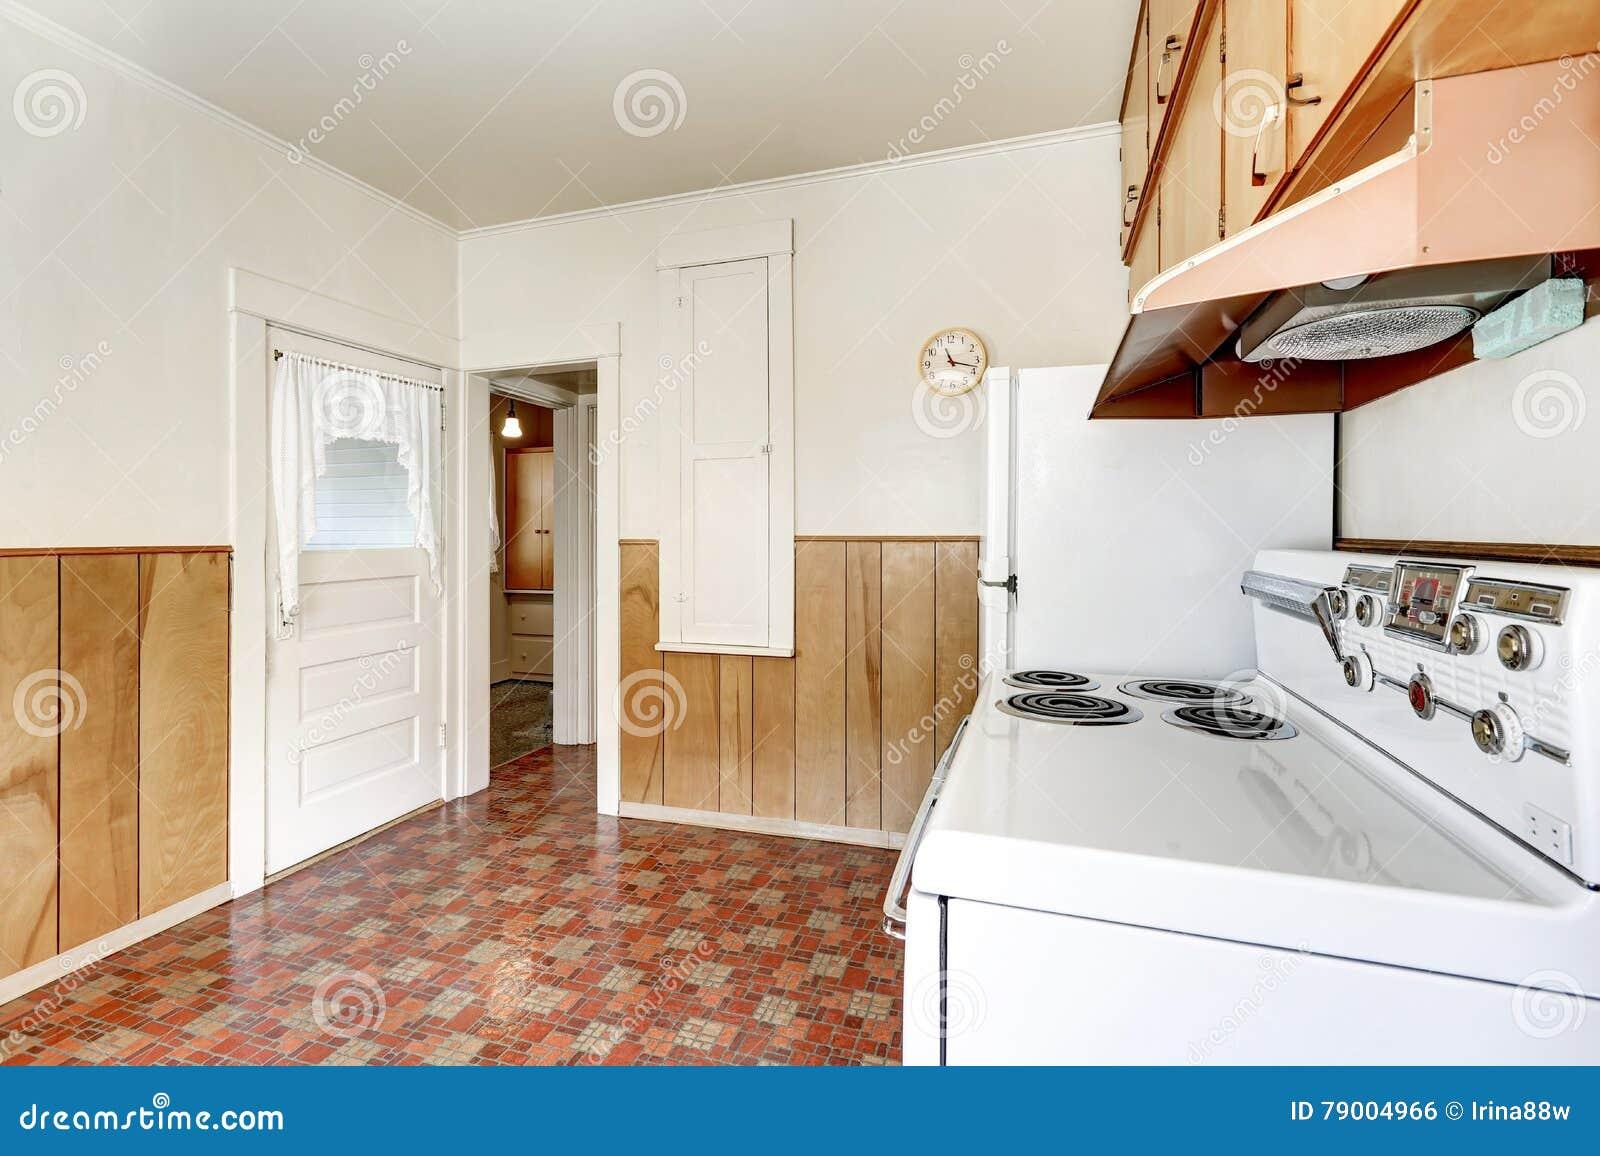 Intérieur De Cuisine De Style Ancien Avec Le Plancher De Linoléum ...